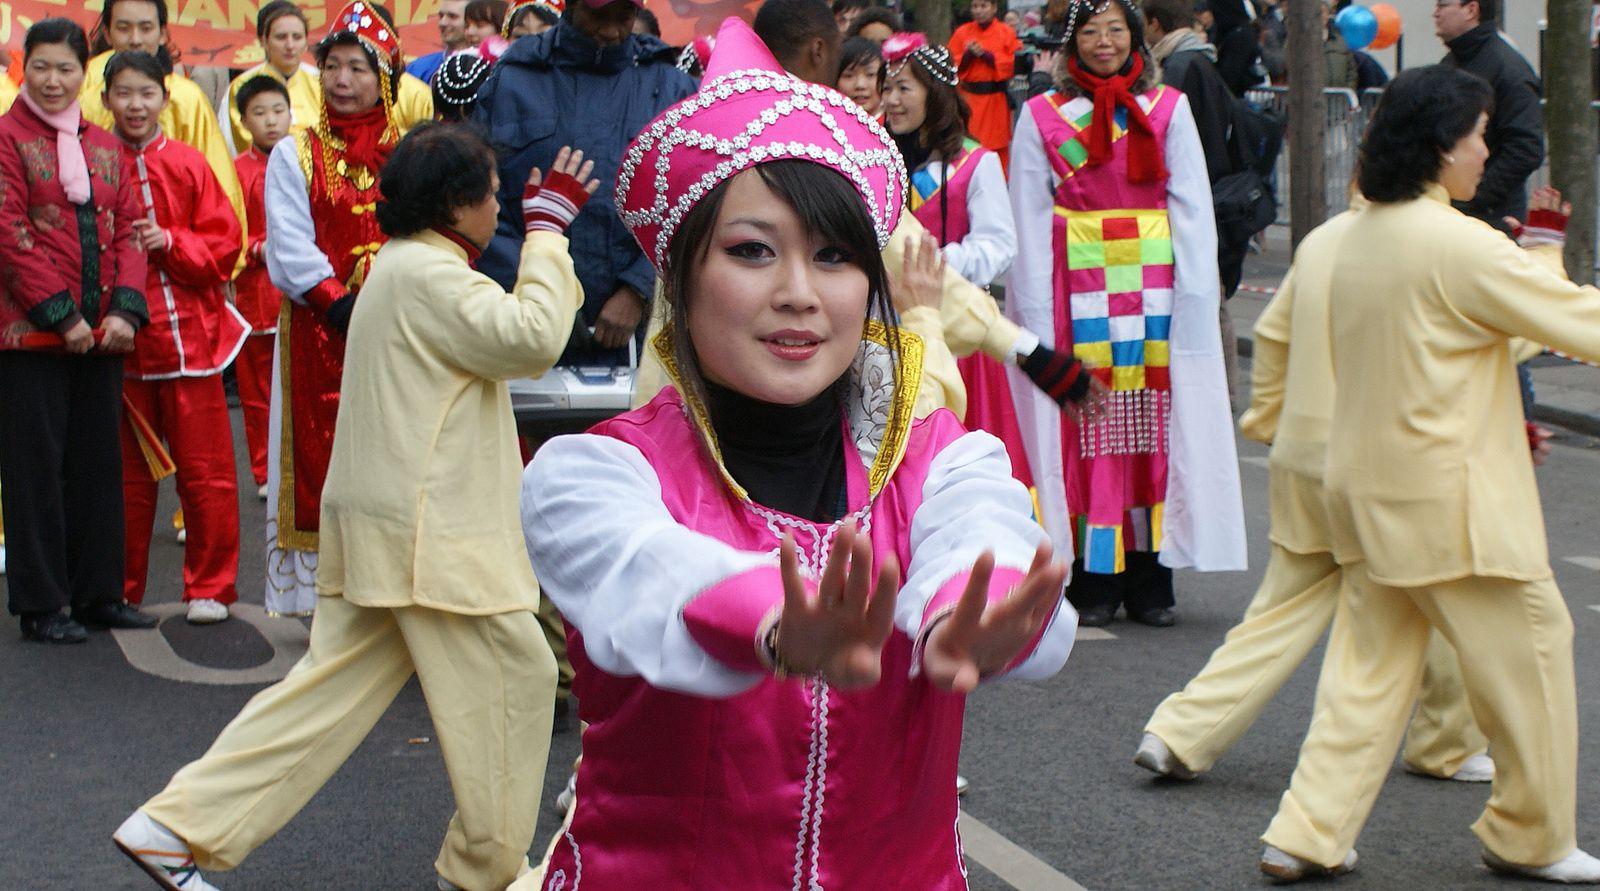 Carnaval Chinois 2010 Paris 75013